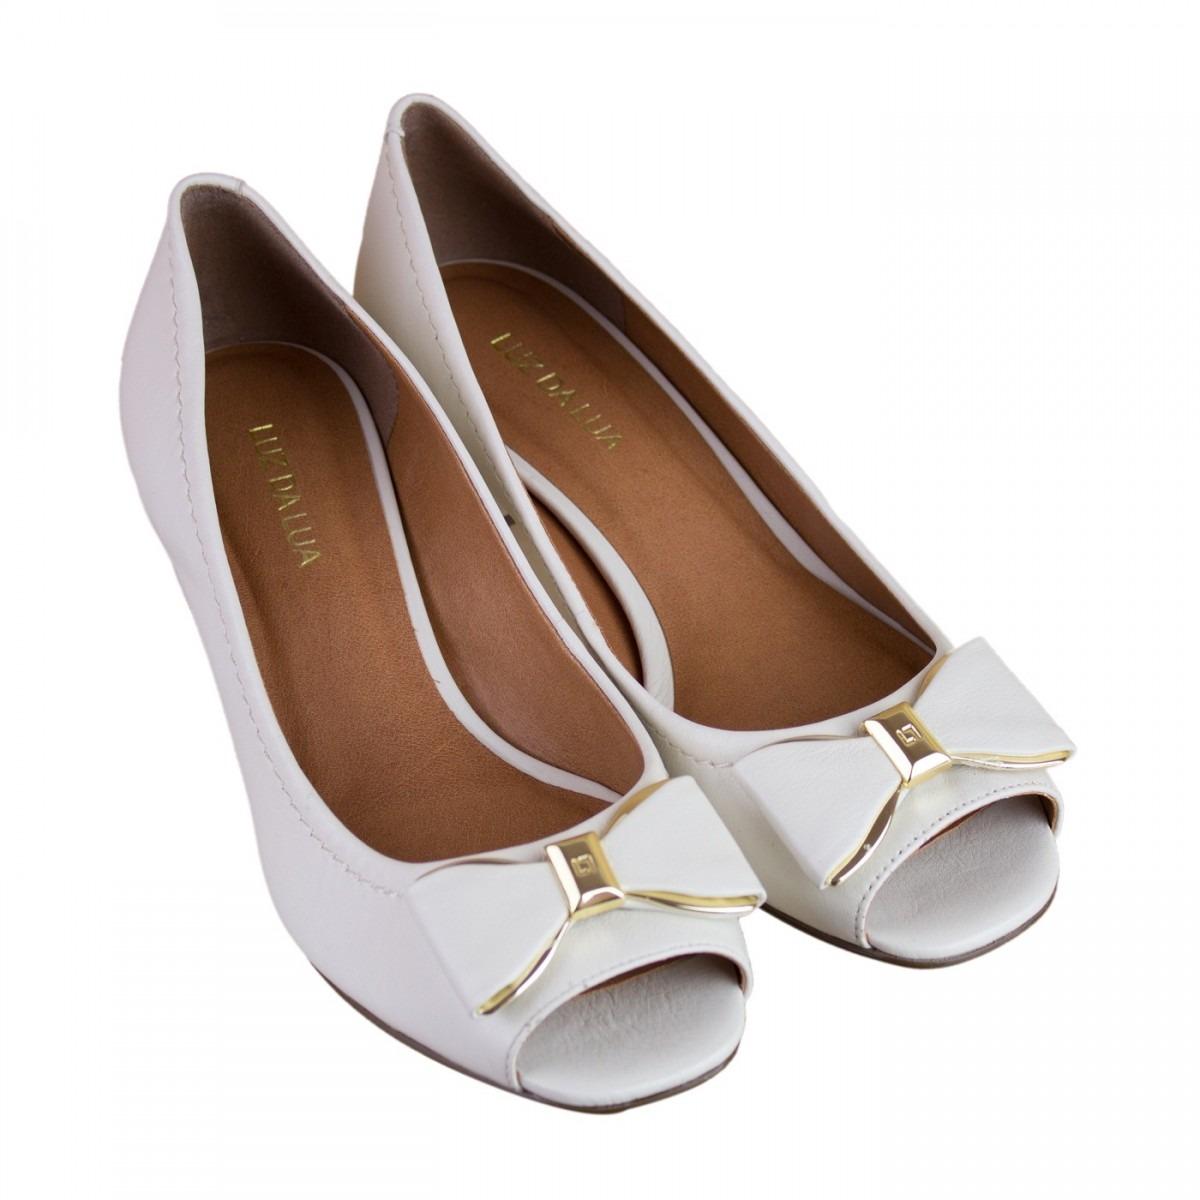 ae77c9a0c Sapato Feminino Peep Toe Luz Da Lua S45015 - R$ 298,90 em Mercado Livre